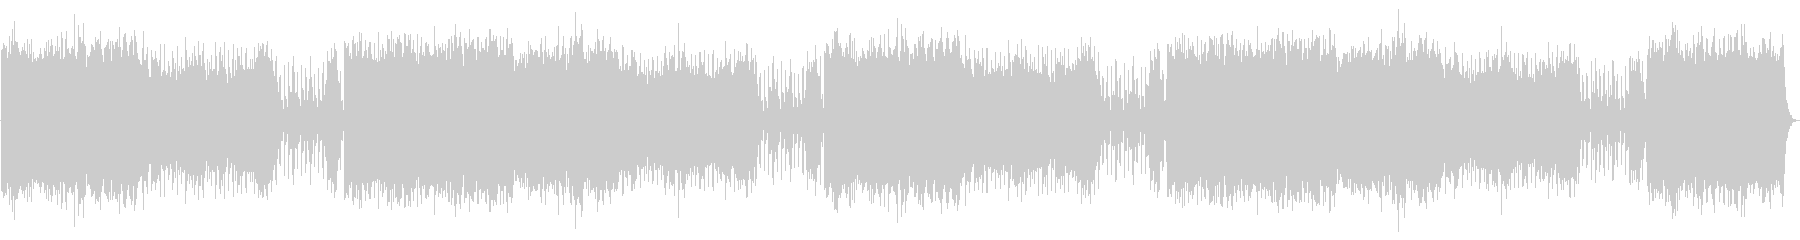 弦、フルート、フレンチホルン、そり...の未再生の波形